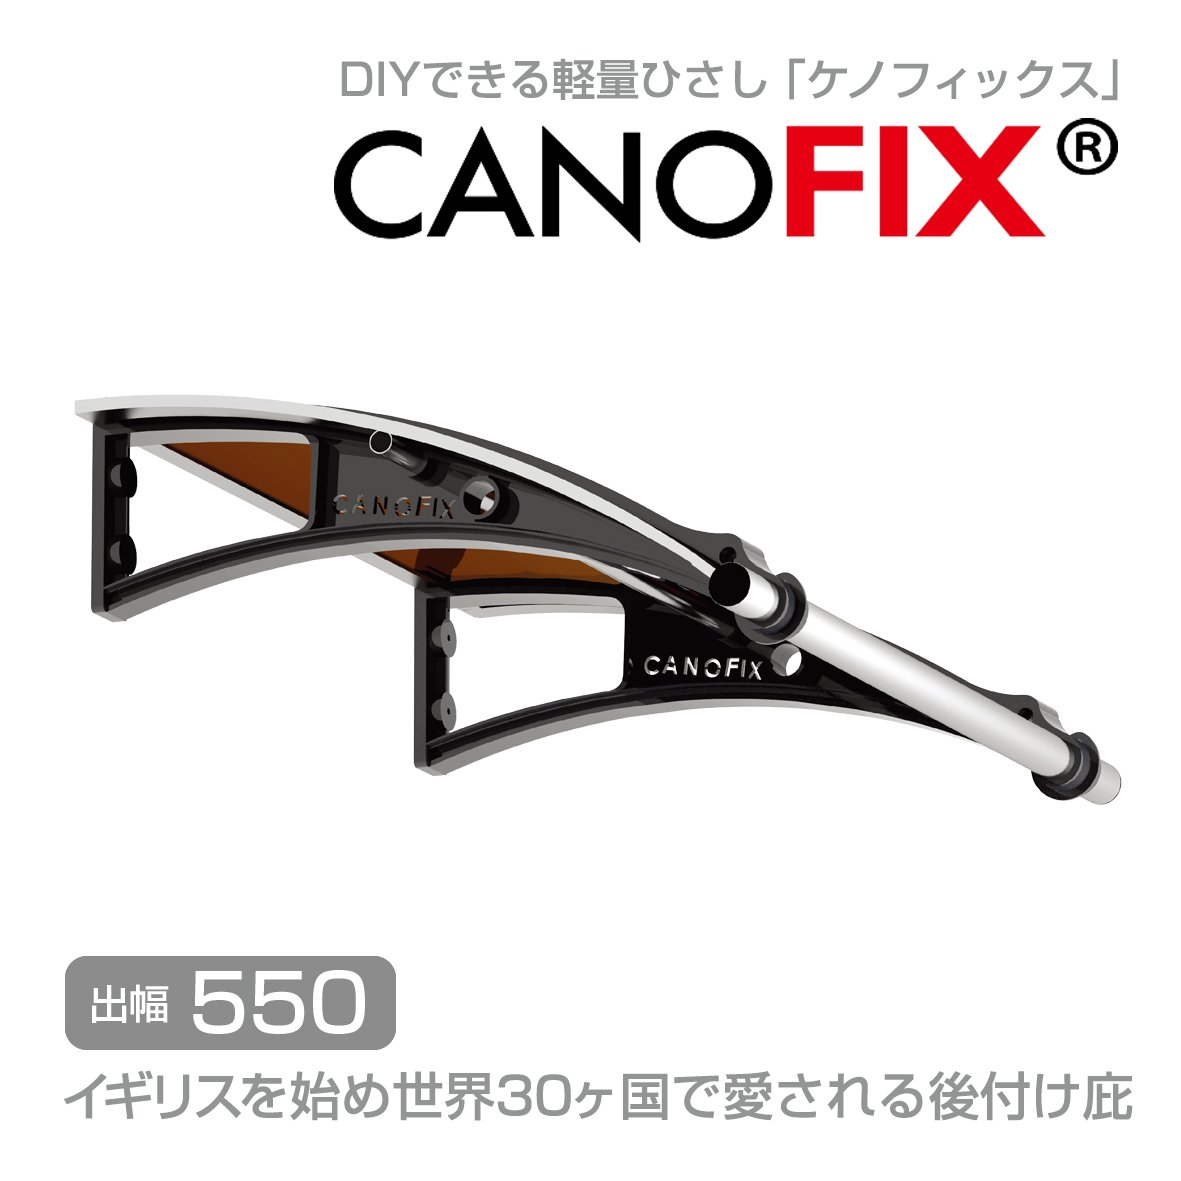 【日本総輸入元】DIY可能な後付けひさし ケノフィックス(CANOFIX) D550 W5000/シート:グリン/ブラケット:グレー B079HM3XDM 5000mm|ブラケット:グレー シート:グリン ブラケット:グレー シート:グリン 5000mm